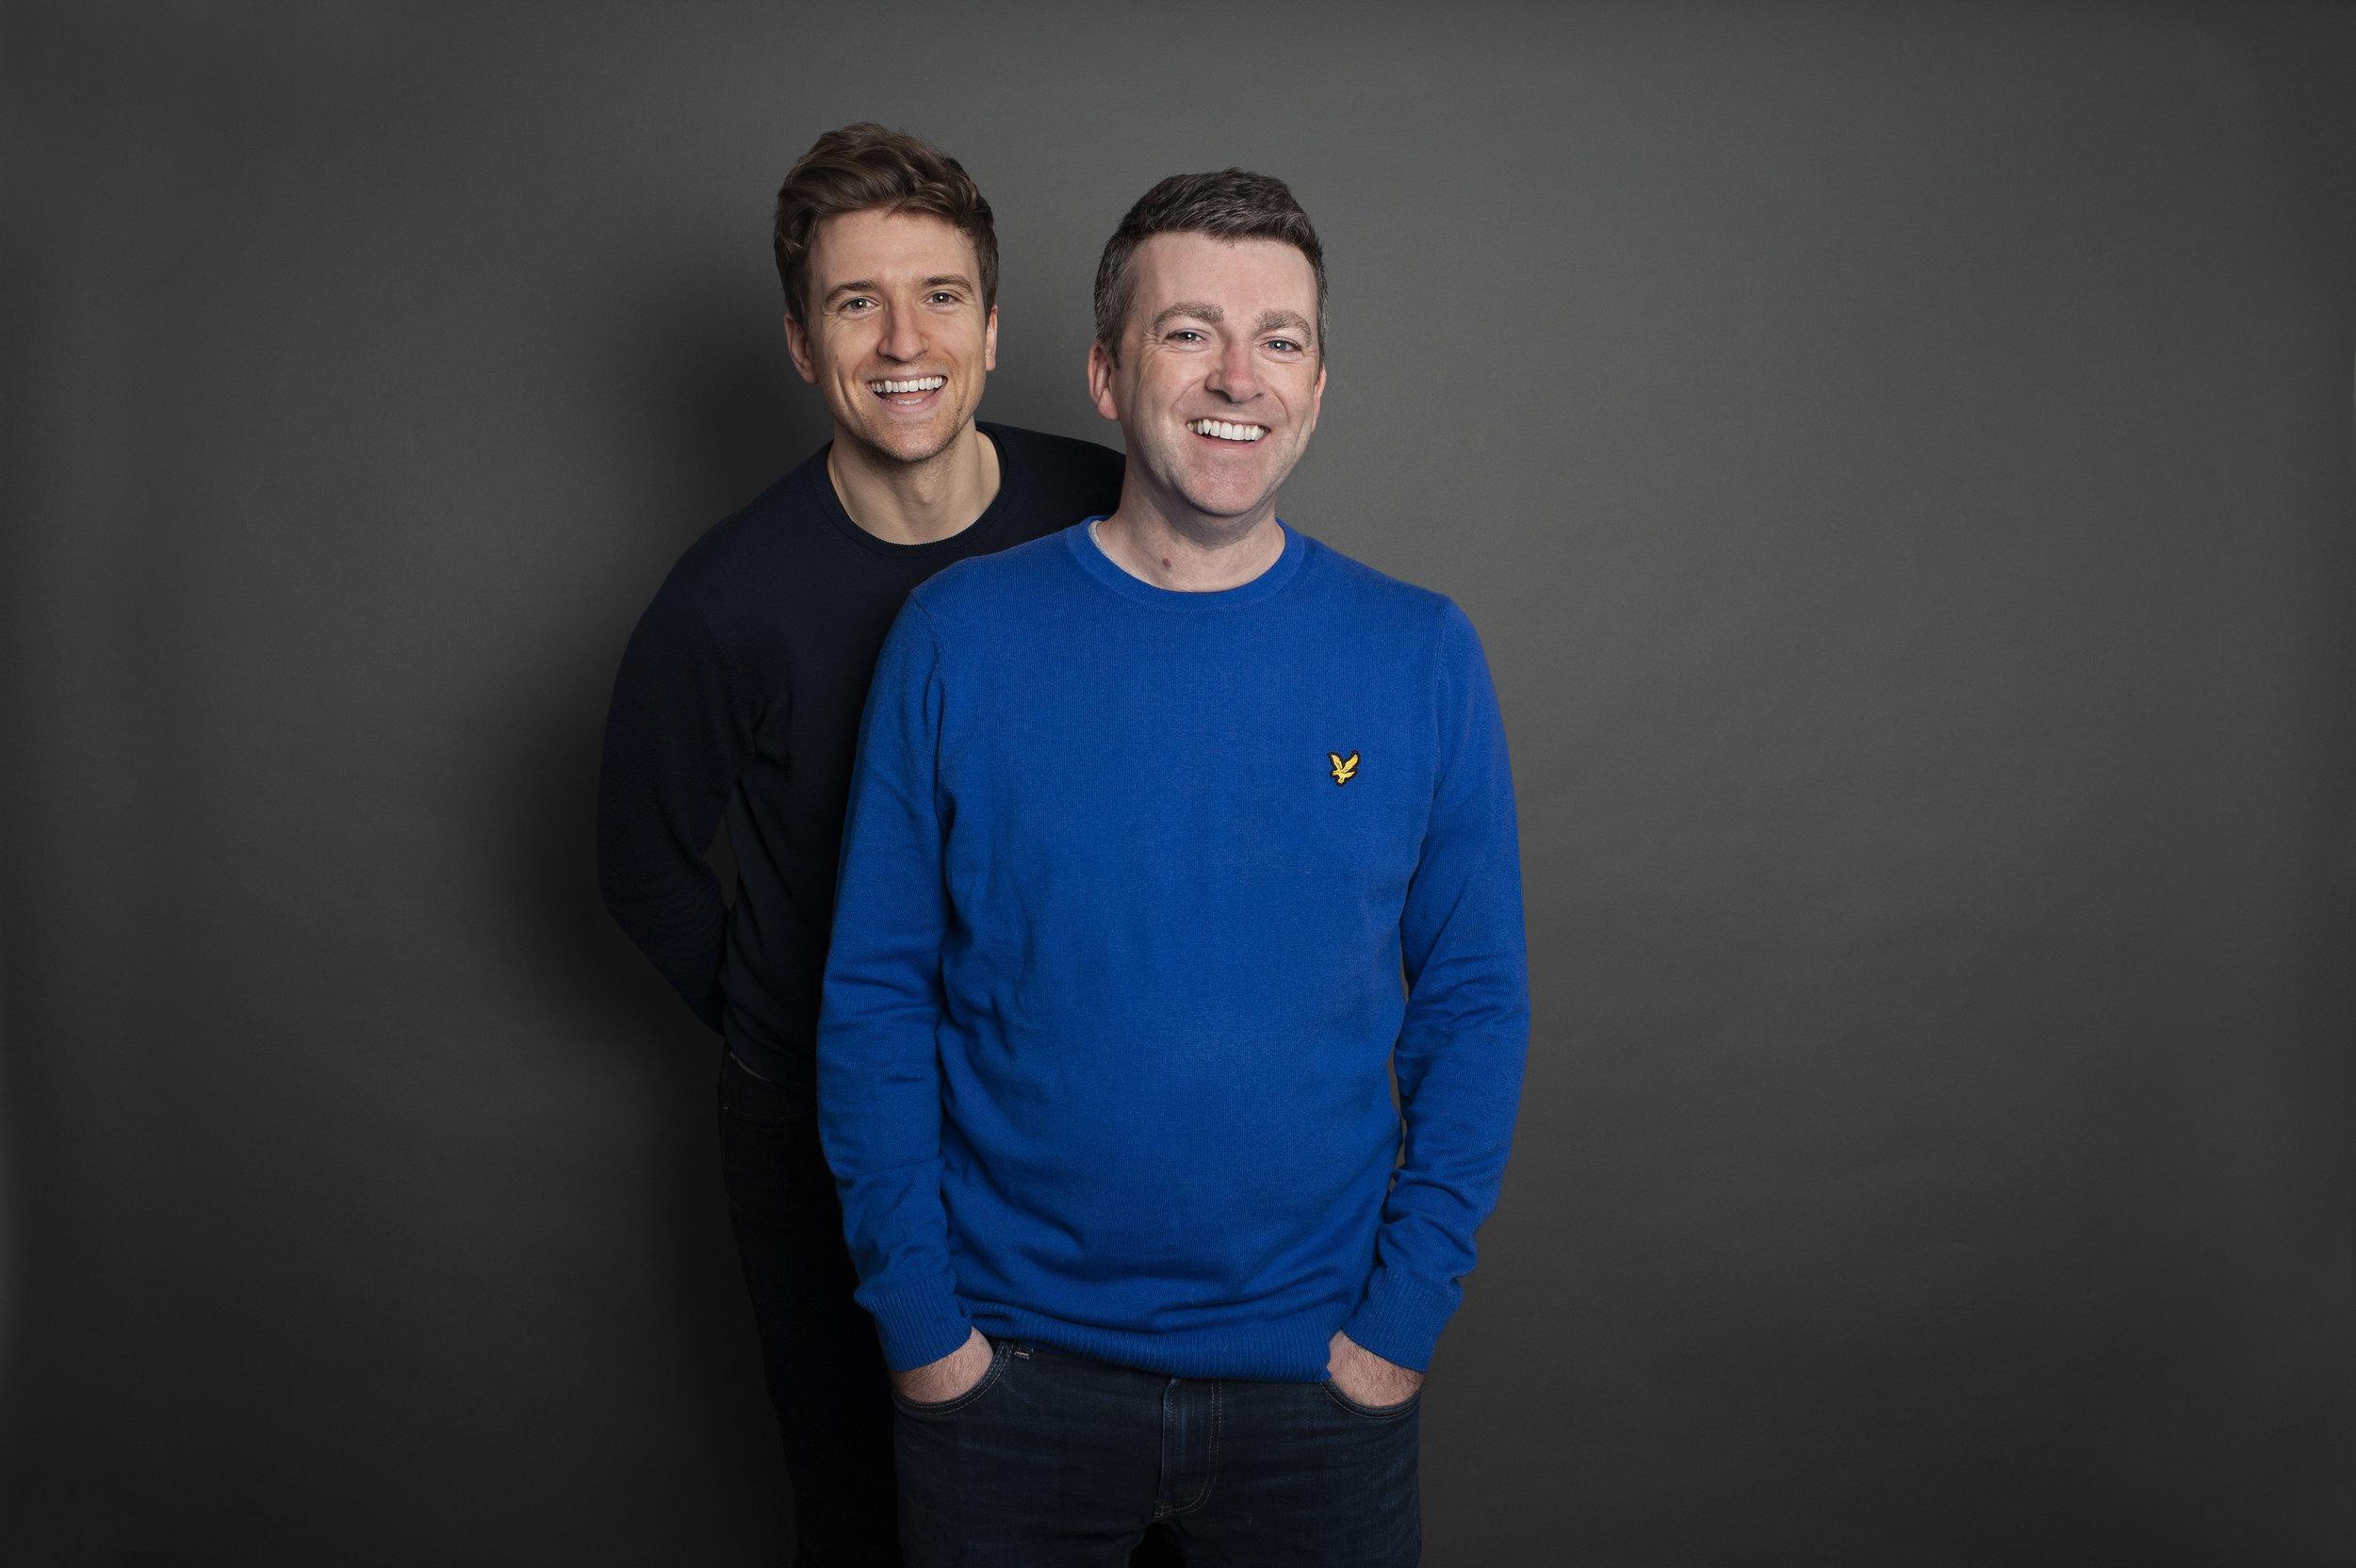 Greg James with his writing partner Chris Smith